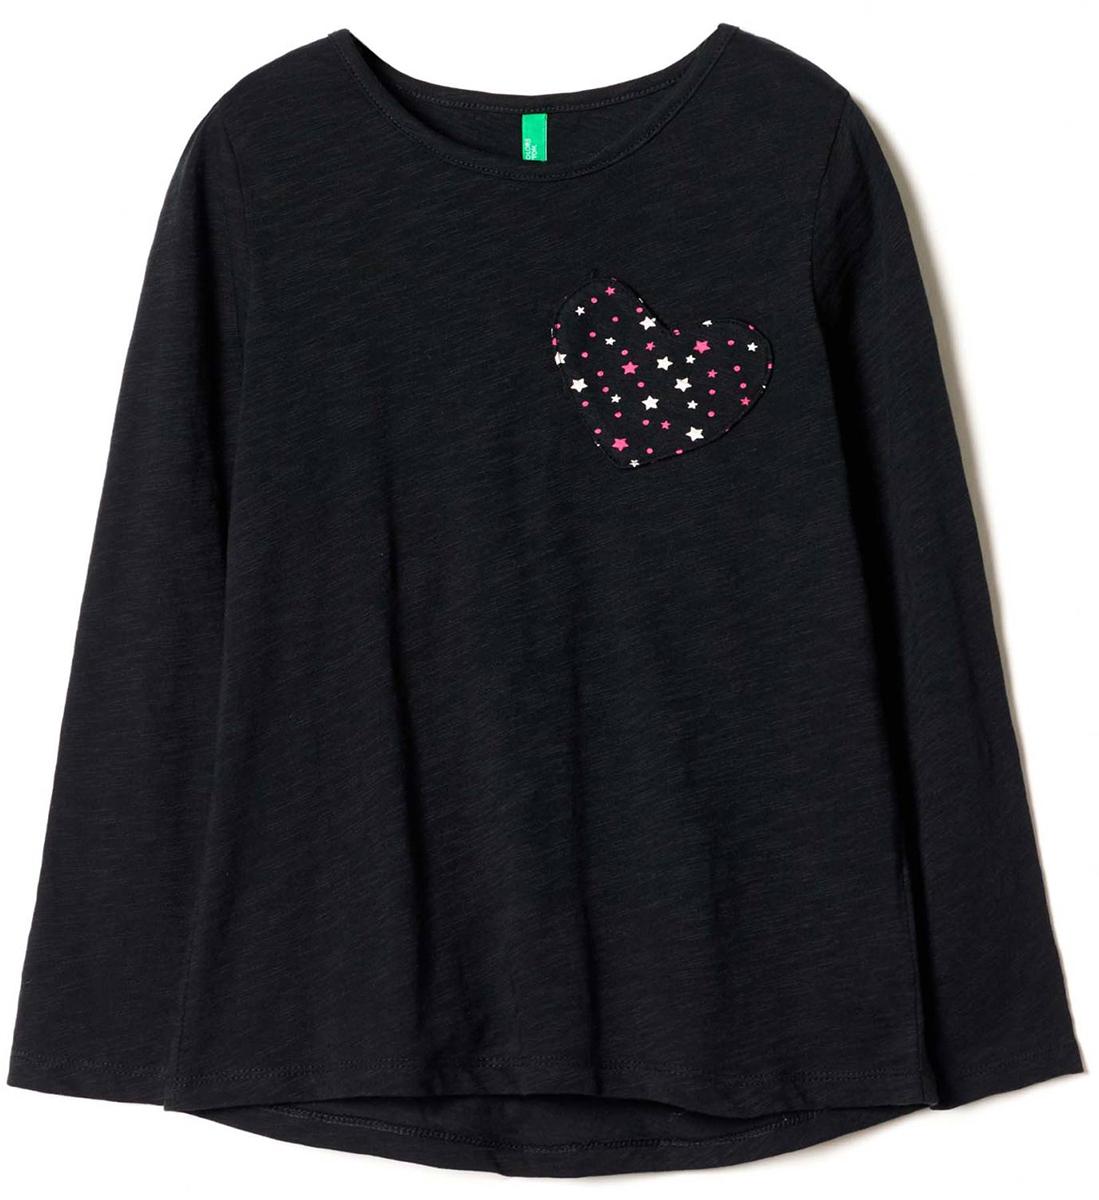 Майка для девочек United Colors of Benetton, цвет: черный. 3XF7C13B8_100. Размер 1303XF7C13B8_100